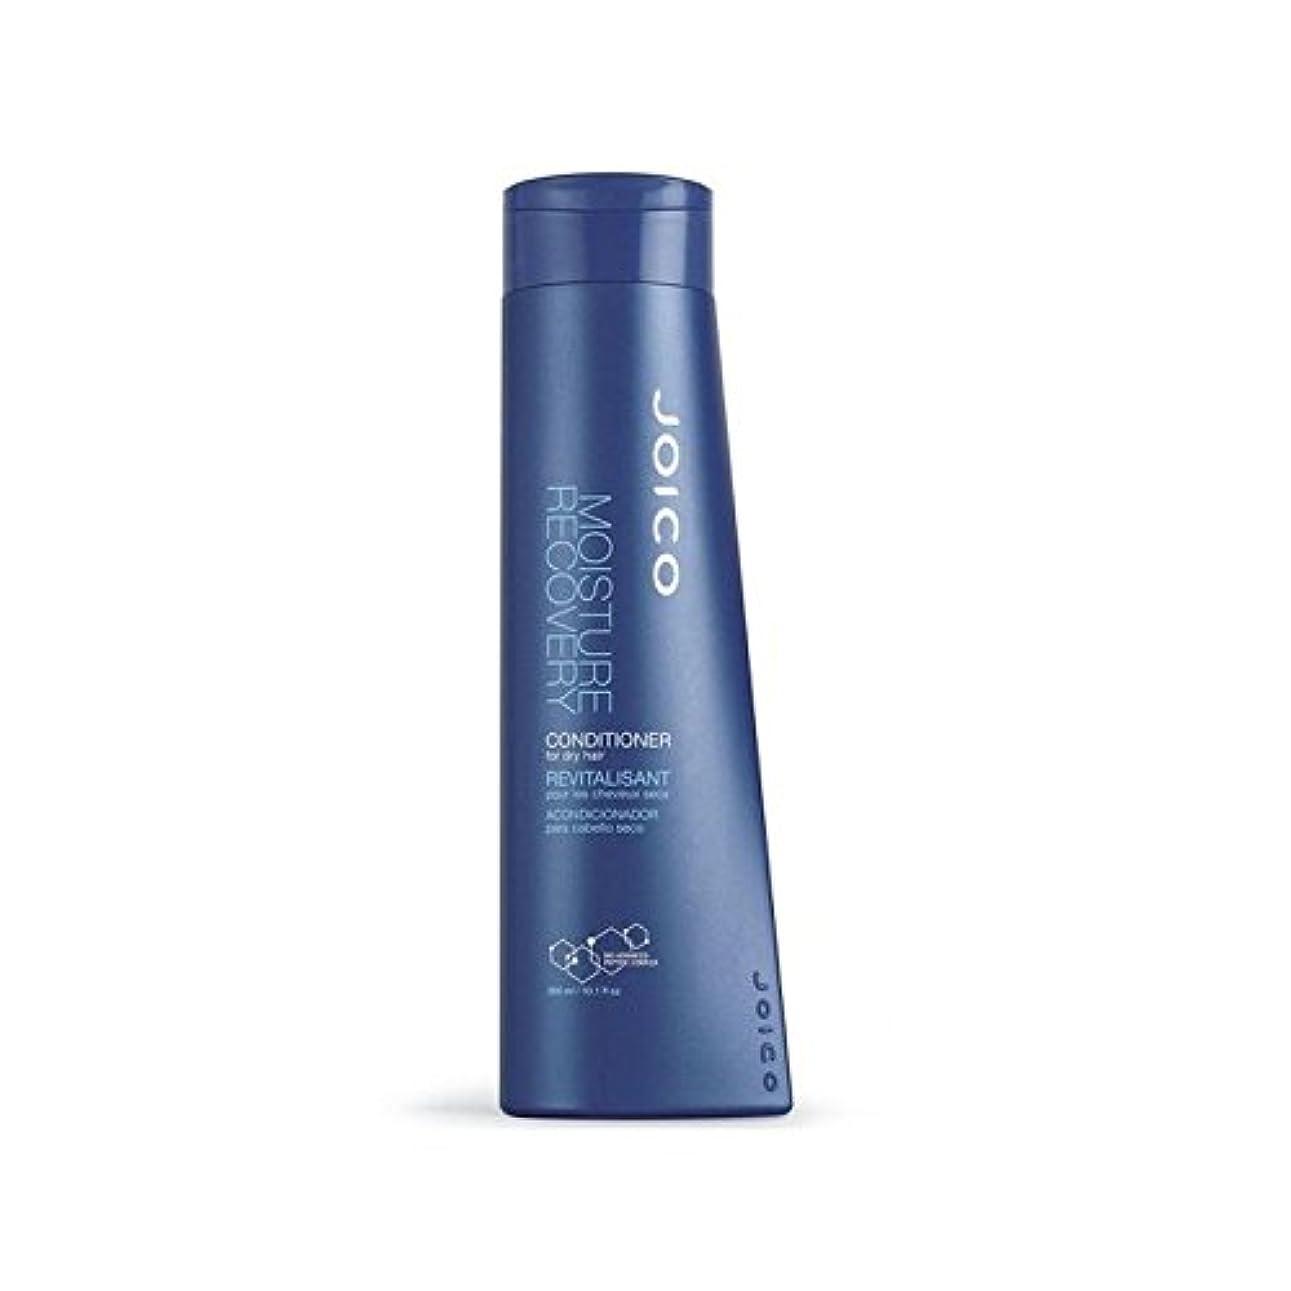 ランドマーク宴会数字Joico Moisture Recovery Conditioner 300ml (Pack of 6) - ジョイコ水分回復コンディショナー300ミリリットル x6 [並行輸入品]